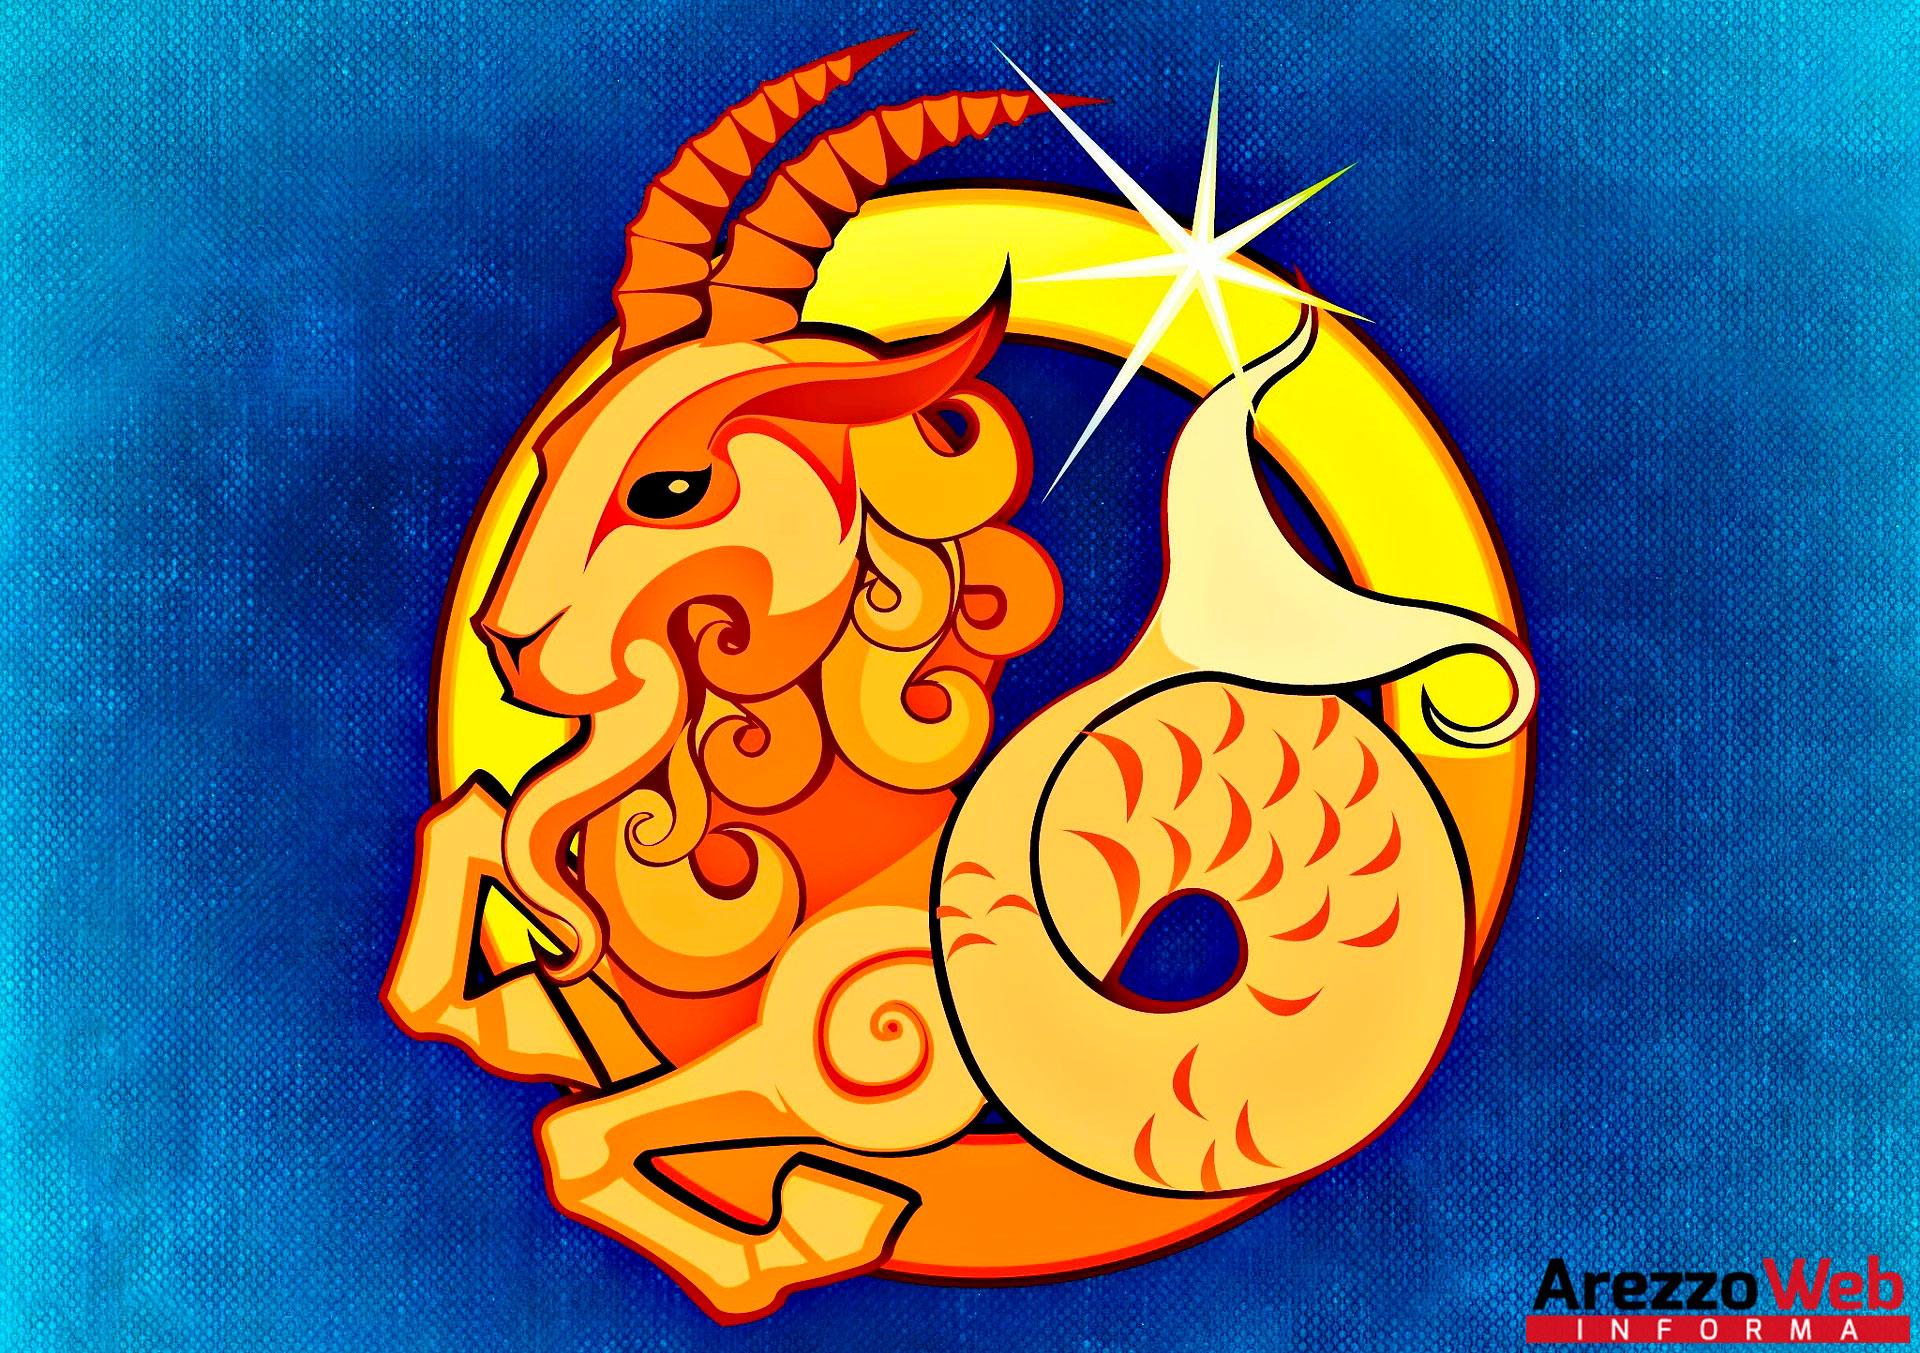 Segno zodiacale - Capricorno